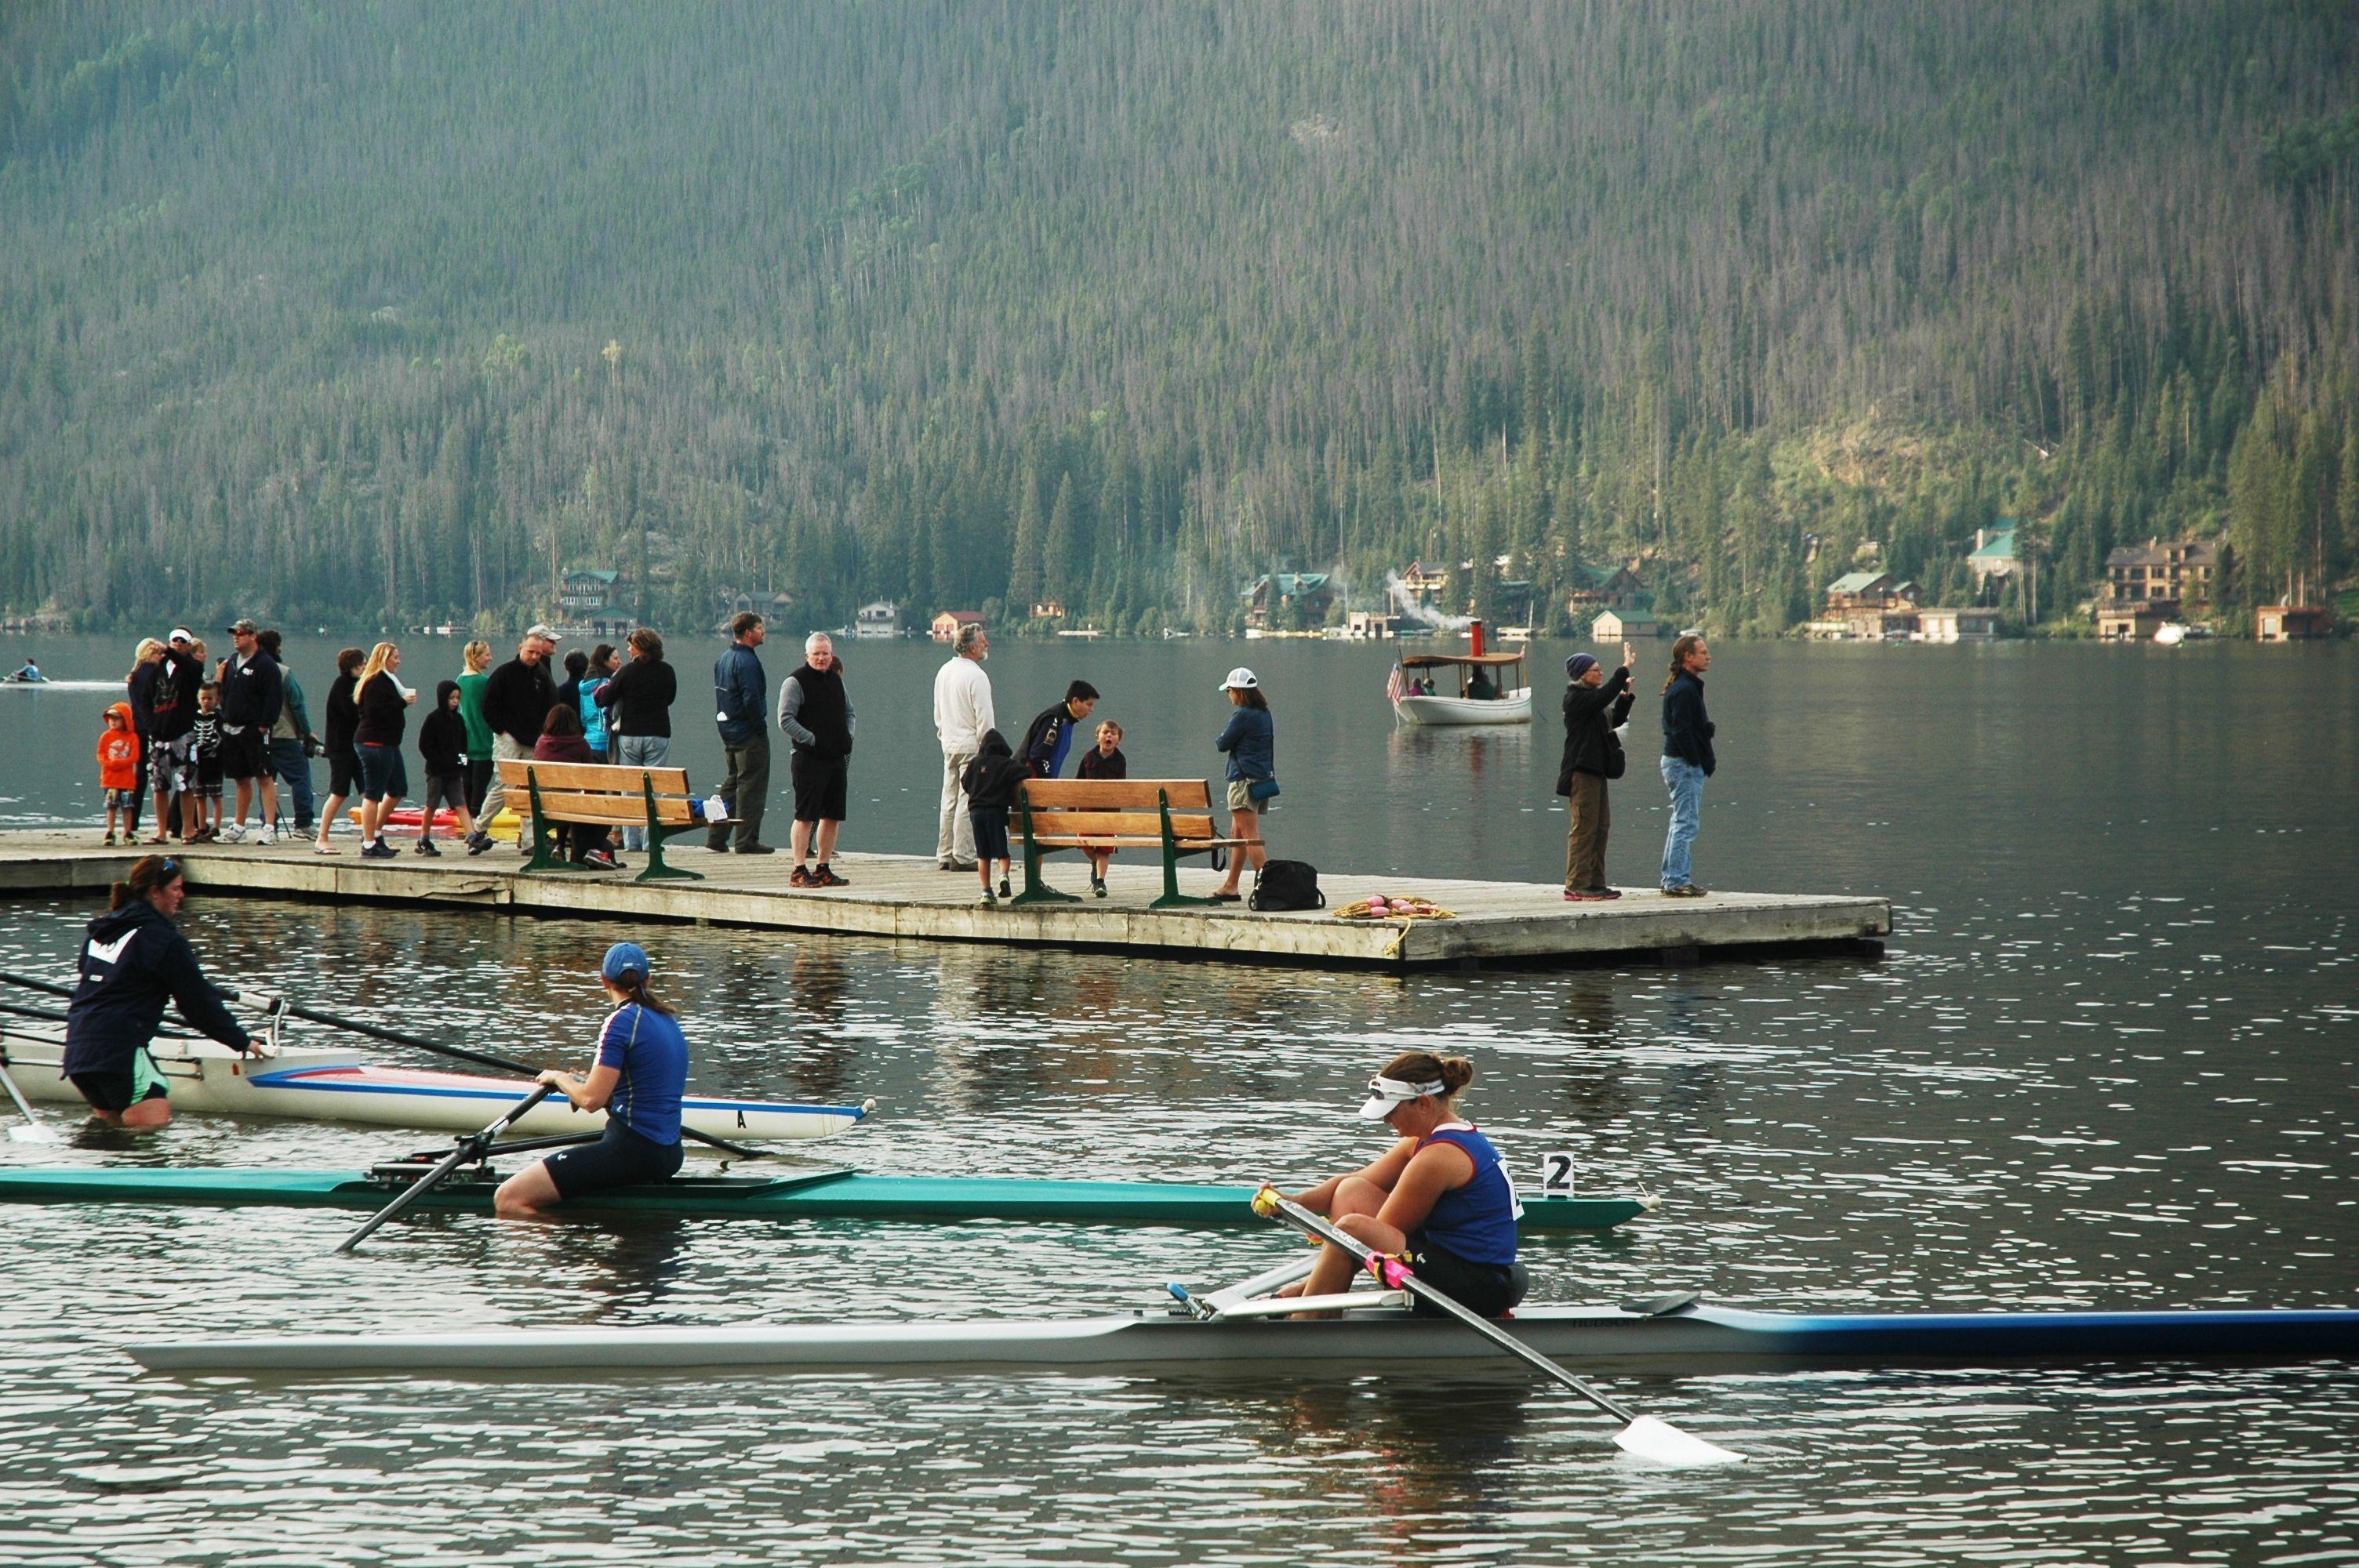 Kayakers enjoying the Spirit of the Lake Regatta . . . www.stayingrandlake.com #Kayaking #Boating #Regatta #GrandLake #Colorado